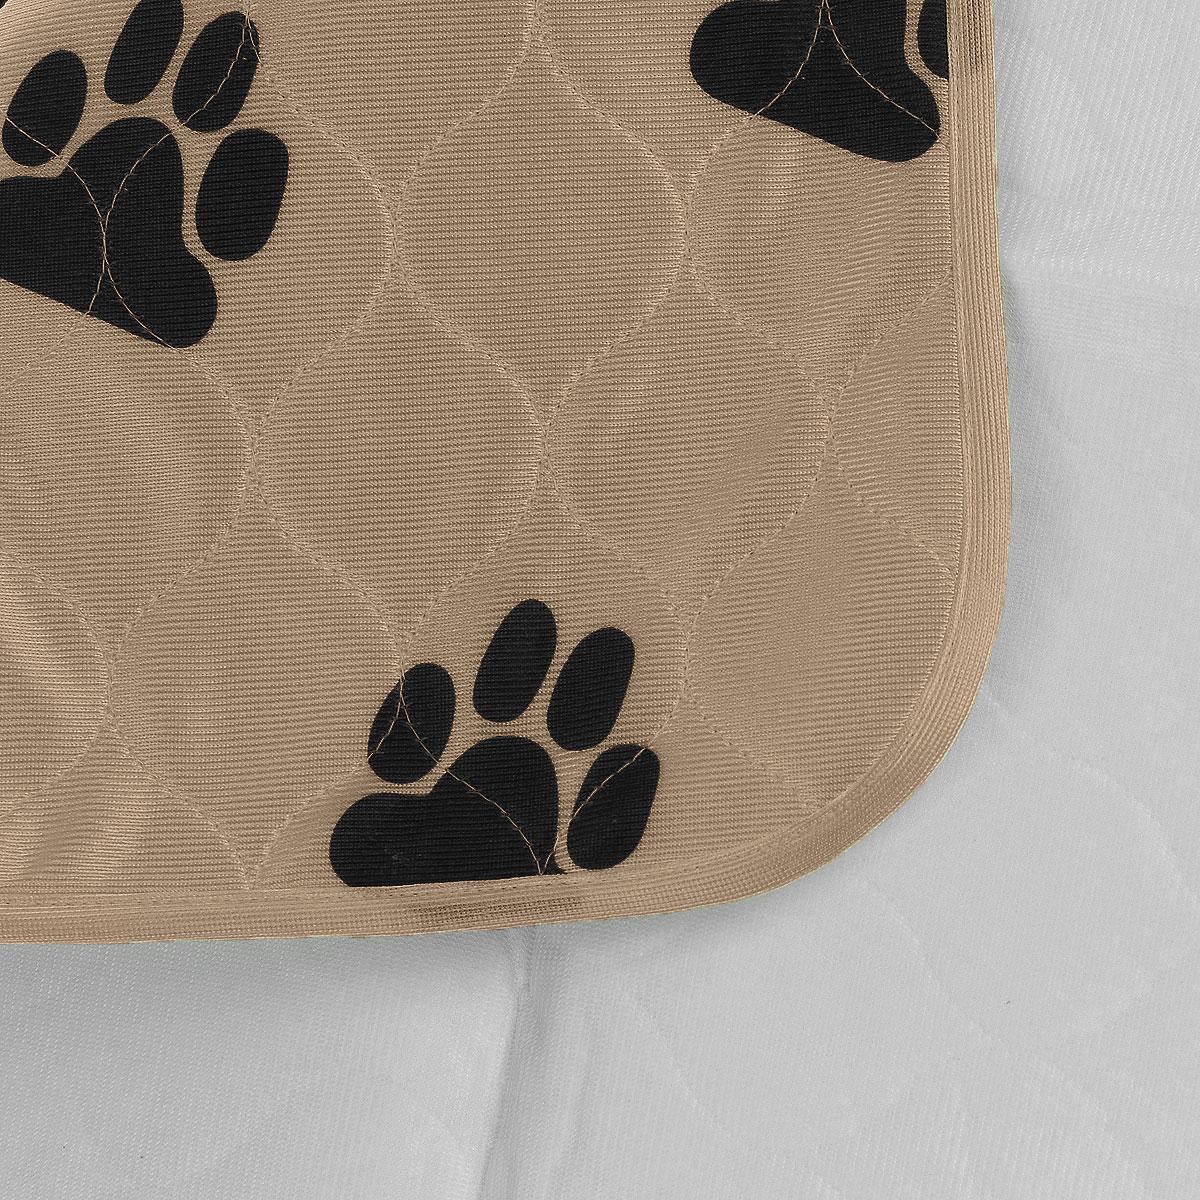 Пеленка впитывающая для животных V.I.Pet, многоразовая, цвет: коричневый, 60 см х 40 см6040M-BRВпитывающие пеленки V.I.Pet предназначены для щенков, котят, собак мелких пород. Используются как комфортные впитывающие подстилки в туалетных лотках, в переносках, в автомобиле. Преимущество этих пеленок в том, что они устойчивы к воздействию когтей и зубов. Супервпитывающие многоразовые пеленки состоят из четырёх слоёв: - первый слой - приятная на ощупь поверхность из микрофибры, которая хорошо пропускает влагу, быстро сохнет; - второй слой отлично впитывает, не давая жидкости растекаться; - полиуретановый слой исключает протекание жидкости; - нескользящий защитный слой. Многоразовые пеленки не загрязняют окружающую среду и экономят ваши деньги! Рекомендуется ручная или машинная стирка с использованием жидкого моющего средства или стирального порошка, но без отбеливателя при температуре 40-60°. Размер пеленки: 60 х 40 см. Материал: абсорбирующий суперполимер. Товар сертифицирован.